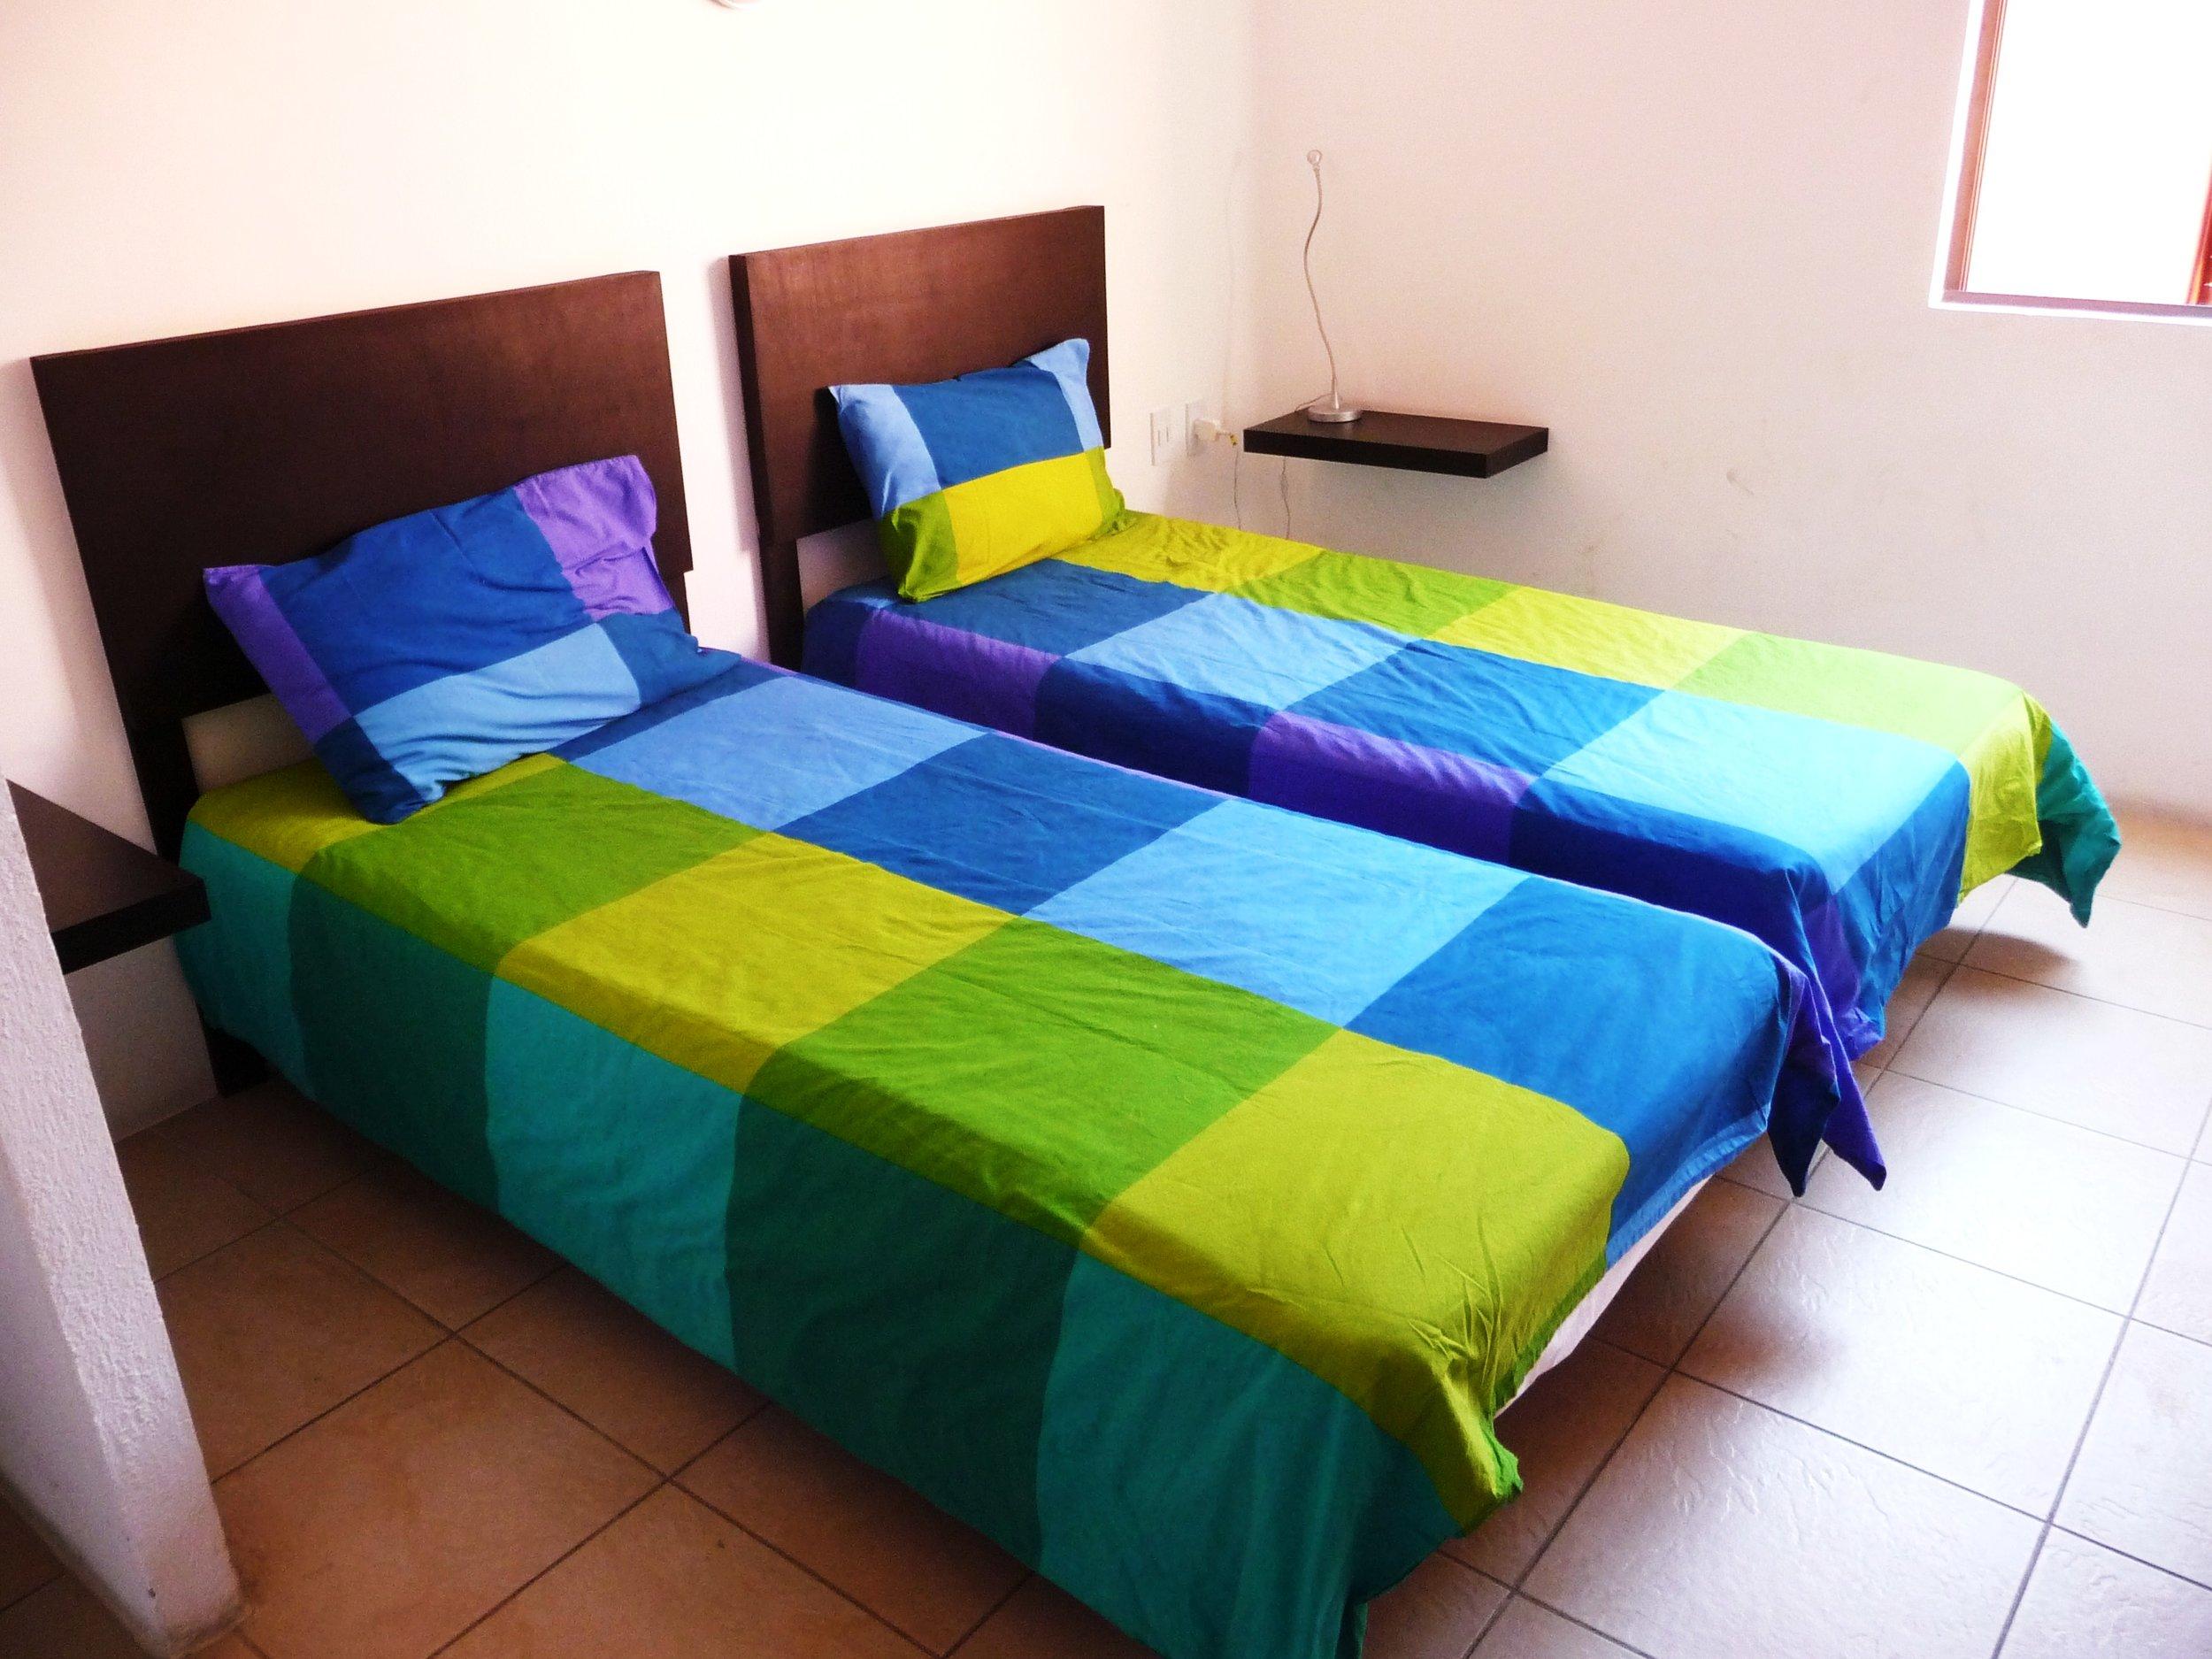 Hostal camas